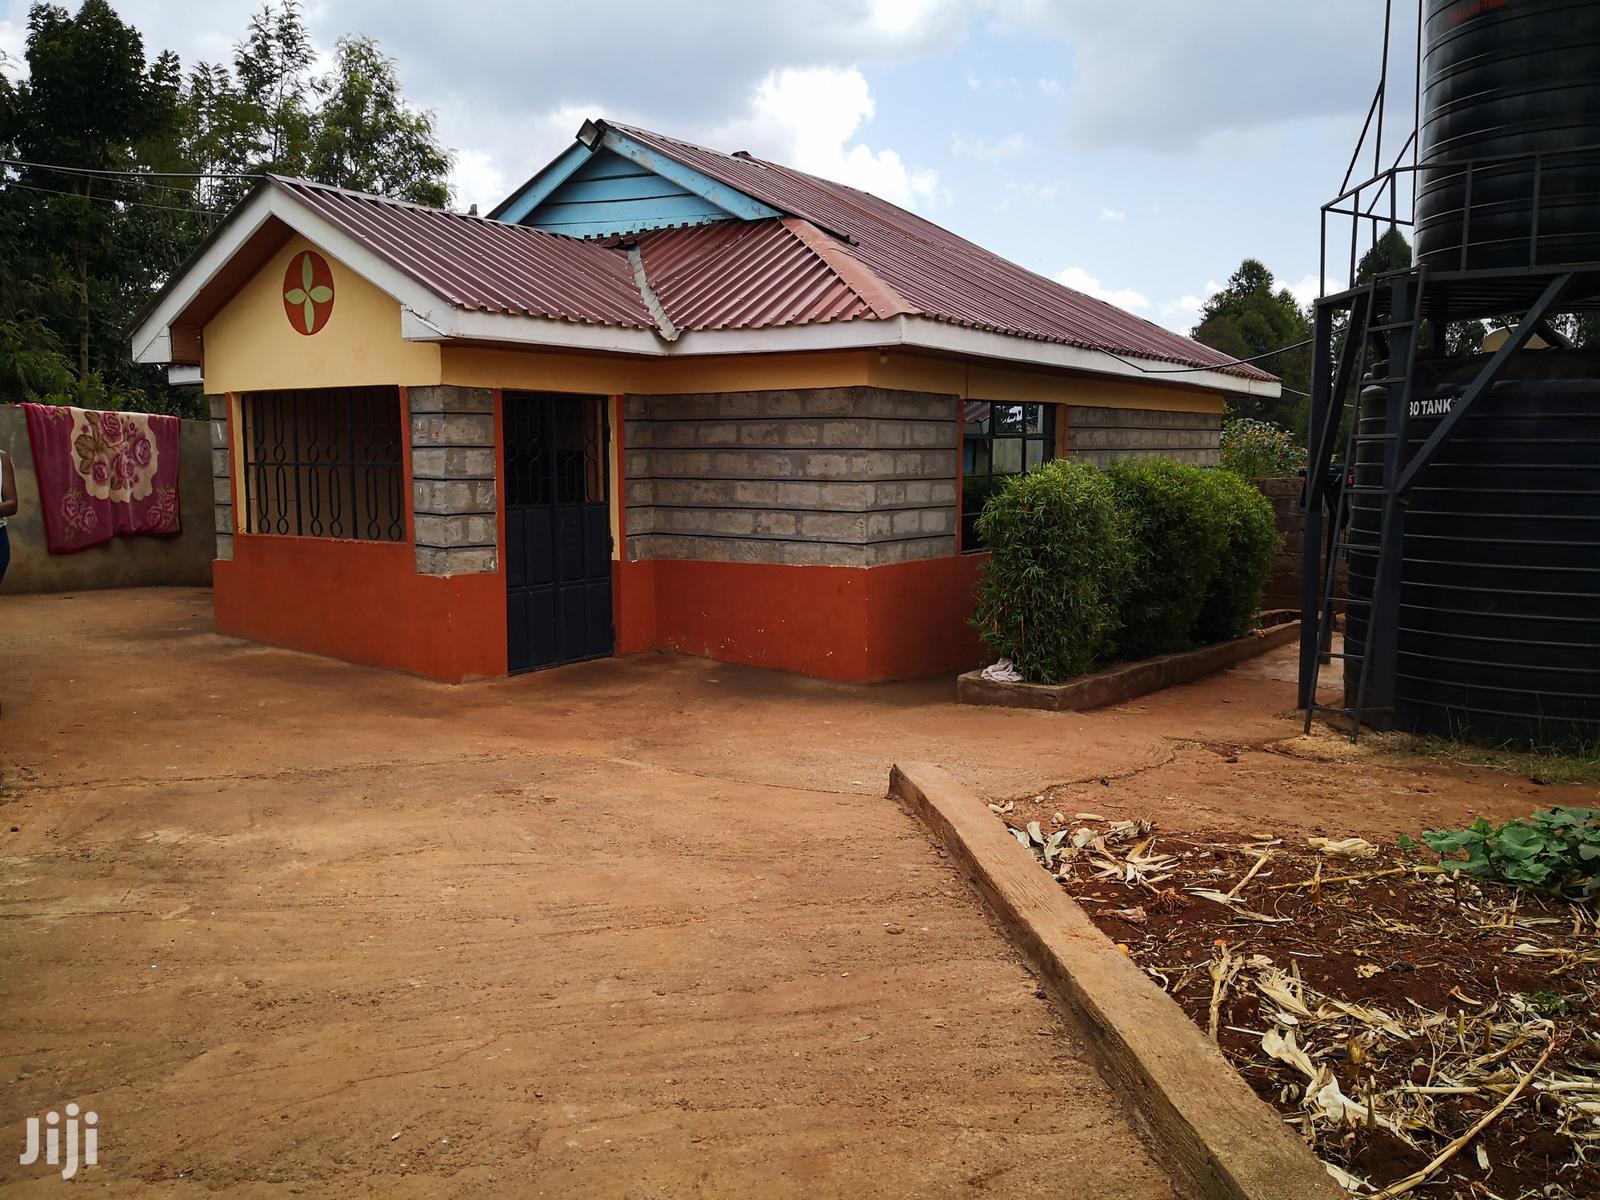 3 Bedrooms Bungalow in Gikambura Kikuyu Kiambu for Sale.   Houses & Apartments For Sale for sale in Kikuyu, Kiambu, Kenya